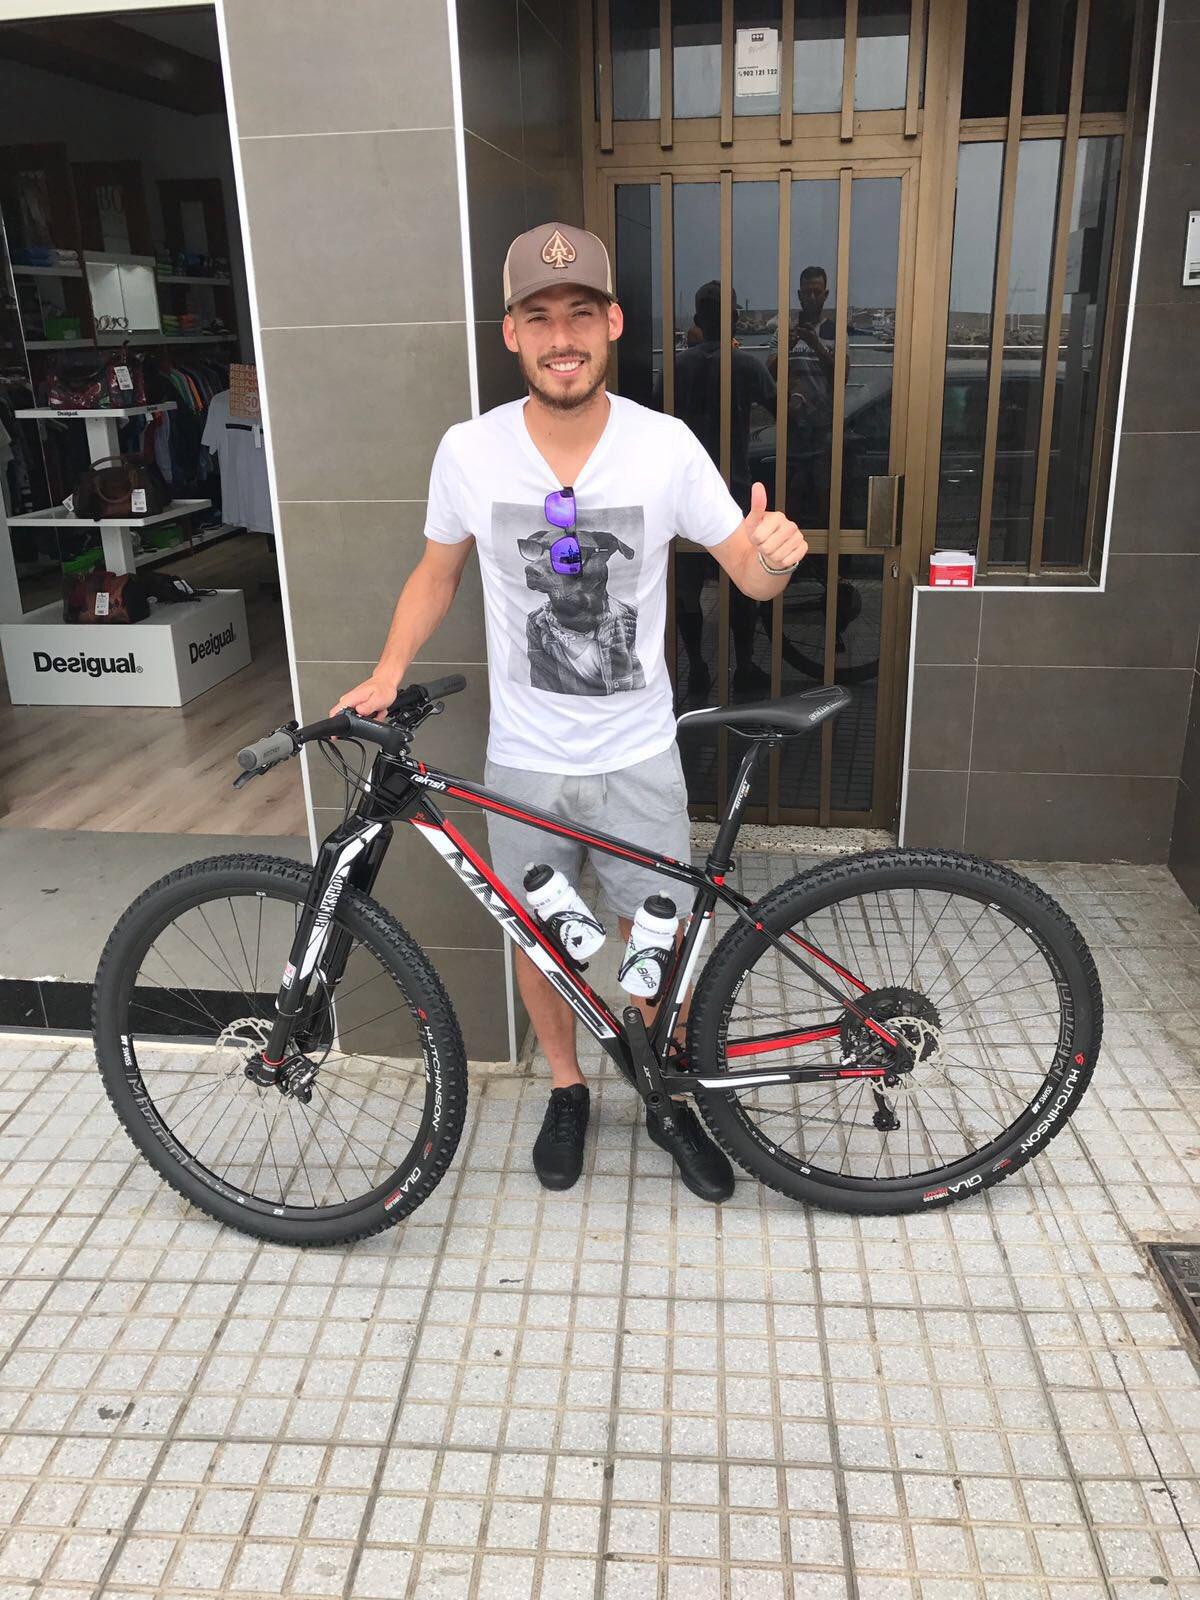 Muchas gracias a mis amigos de @MMRBikes por esta gran bici!Espero poder disfrutarla pronto!⛰�� https://t.co/DxDLToRwRs